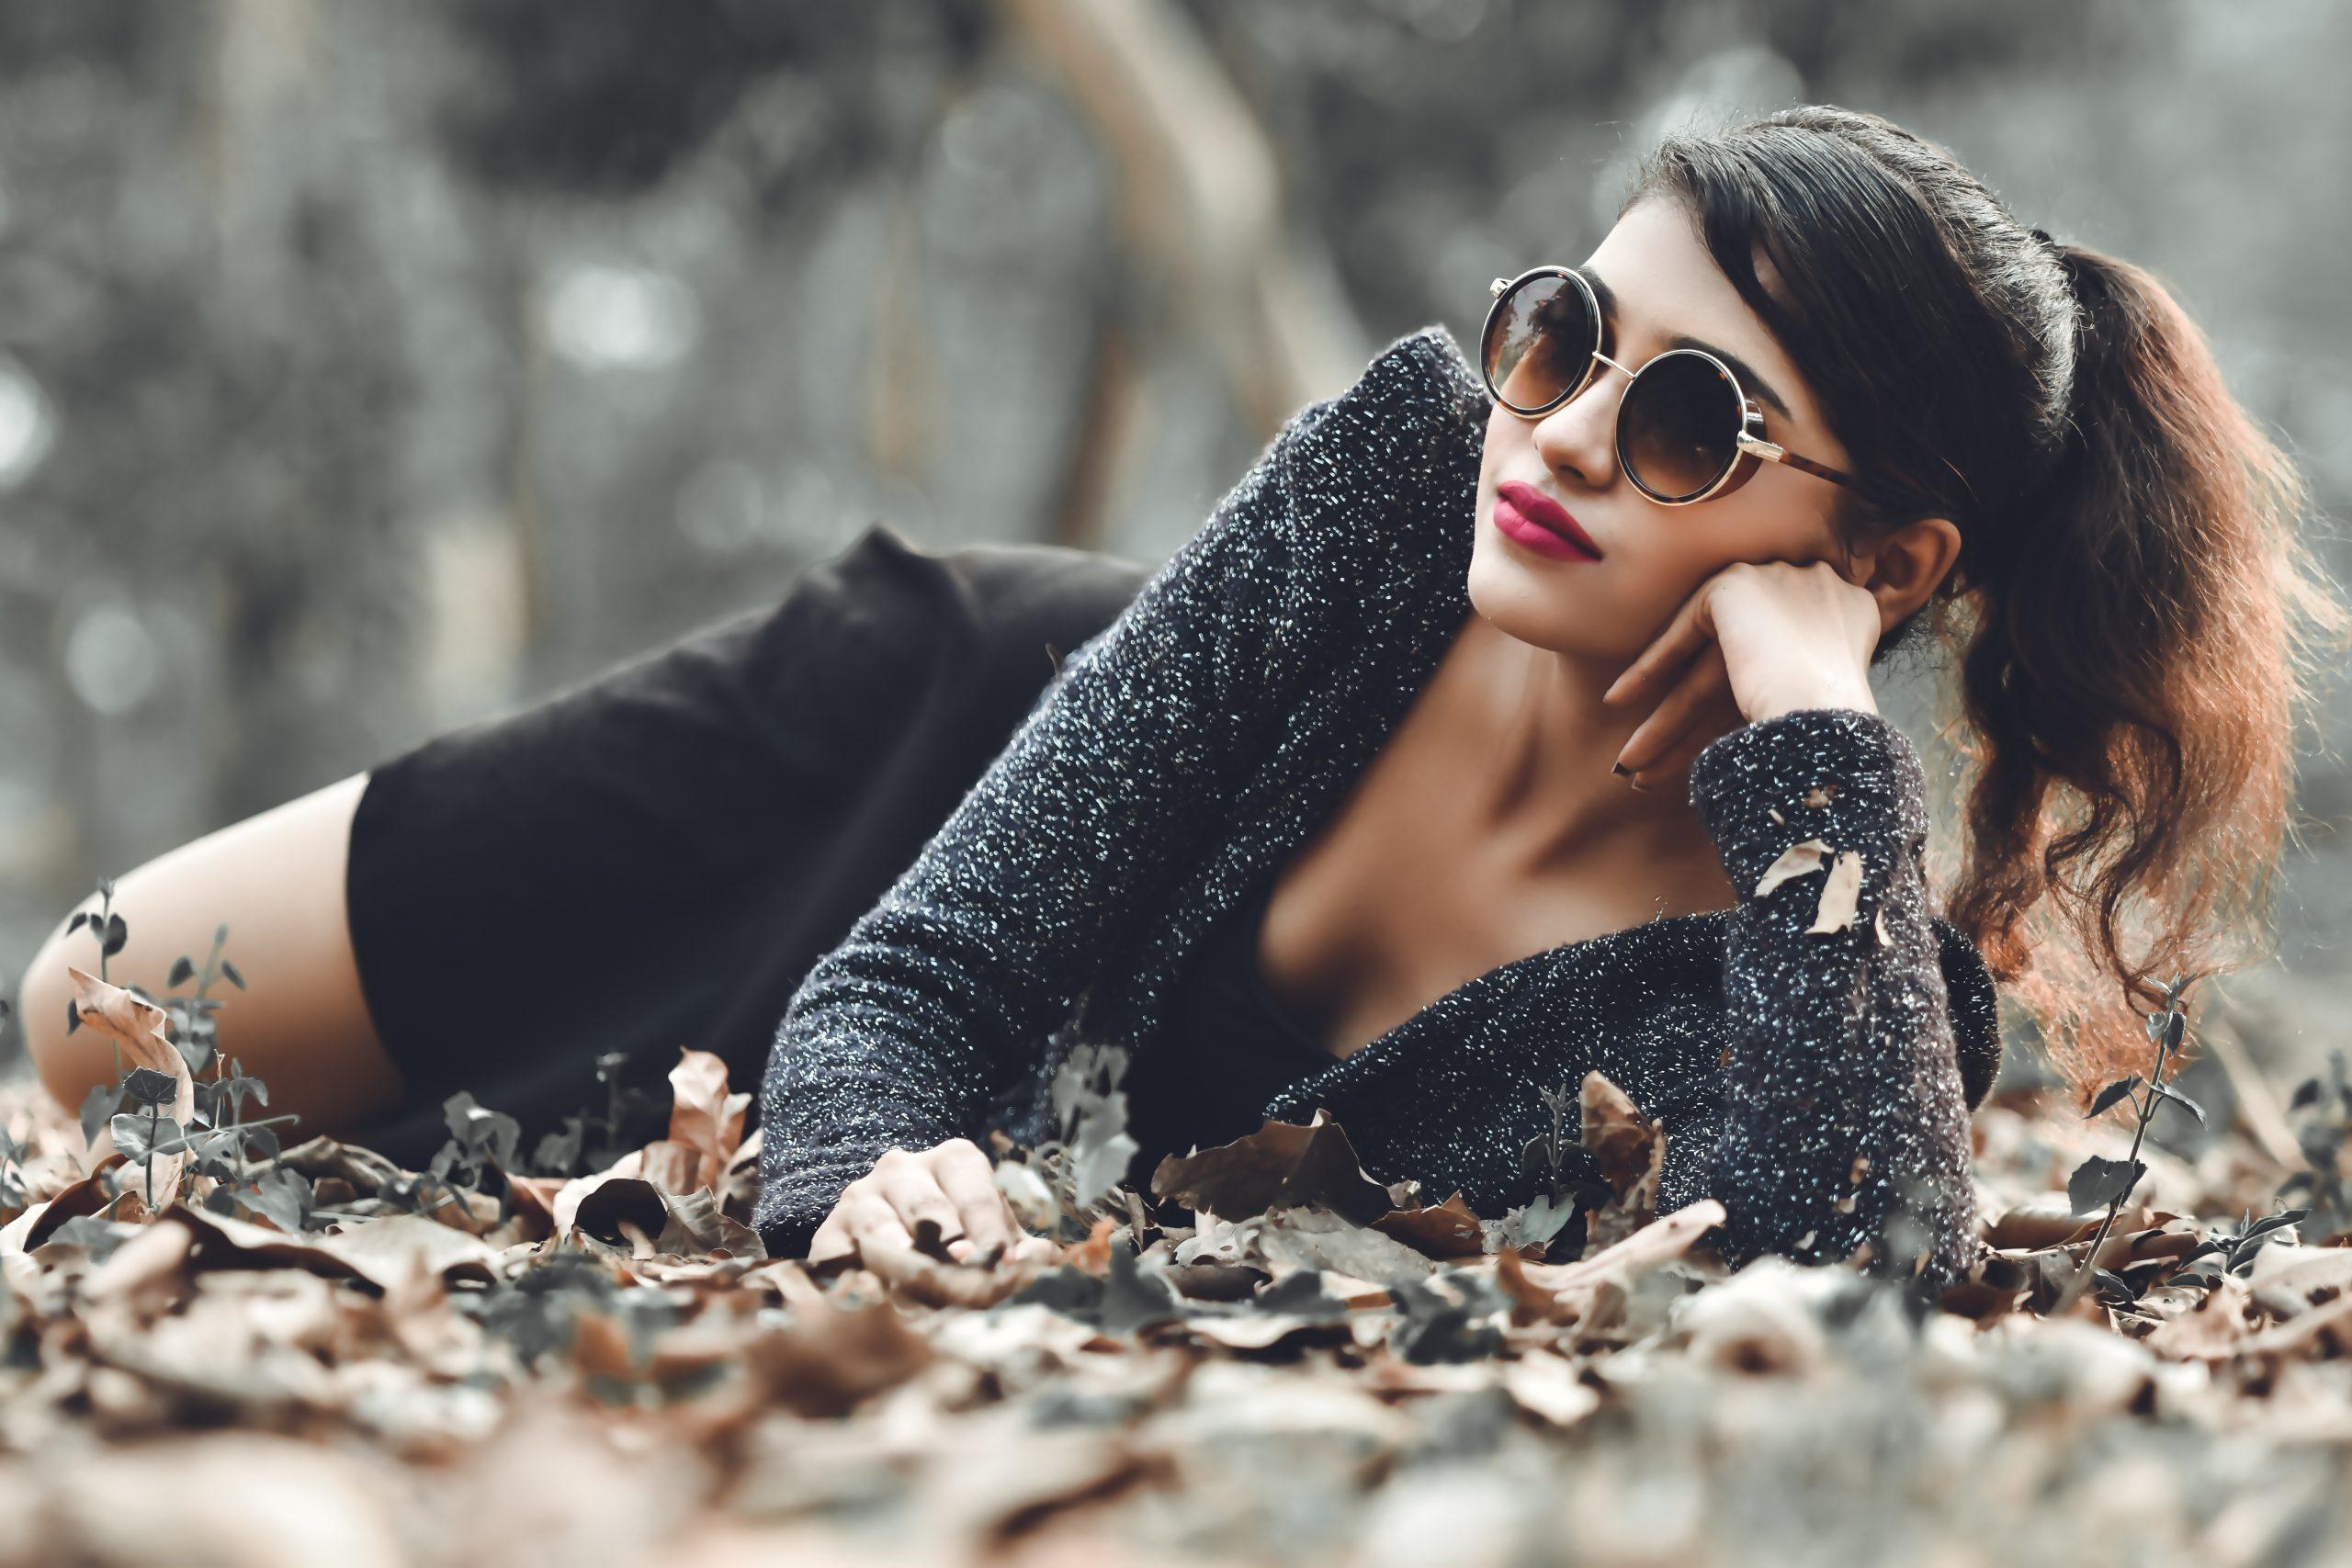 Beautiful female model posing